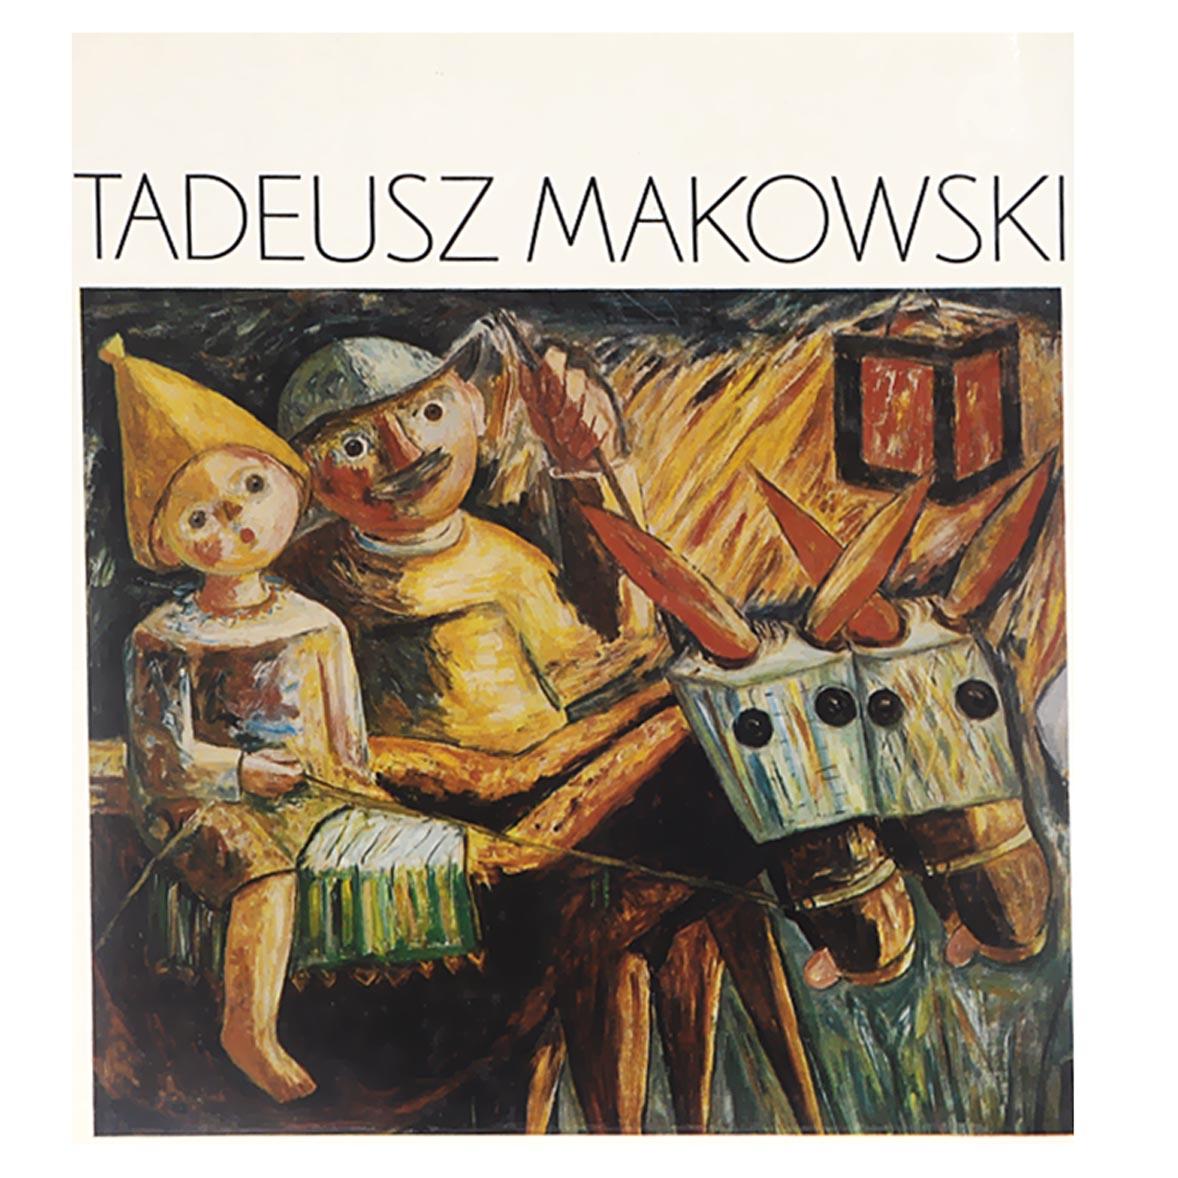 Wladyslawa Jaworska Tadeusz Makowski gregory makowski advances in clinical chemistry 61